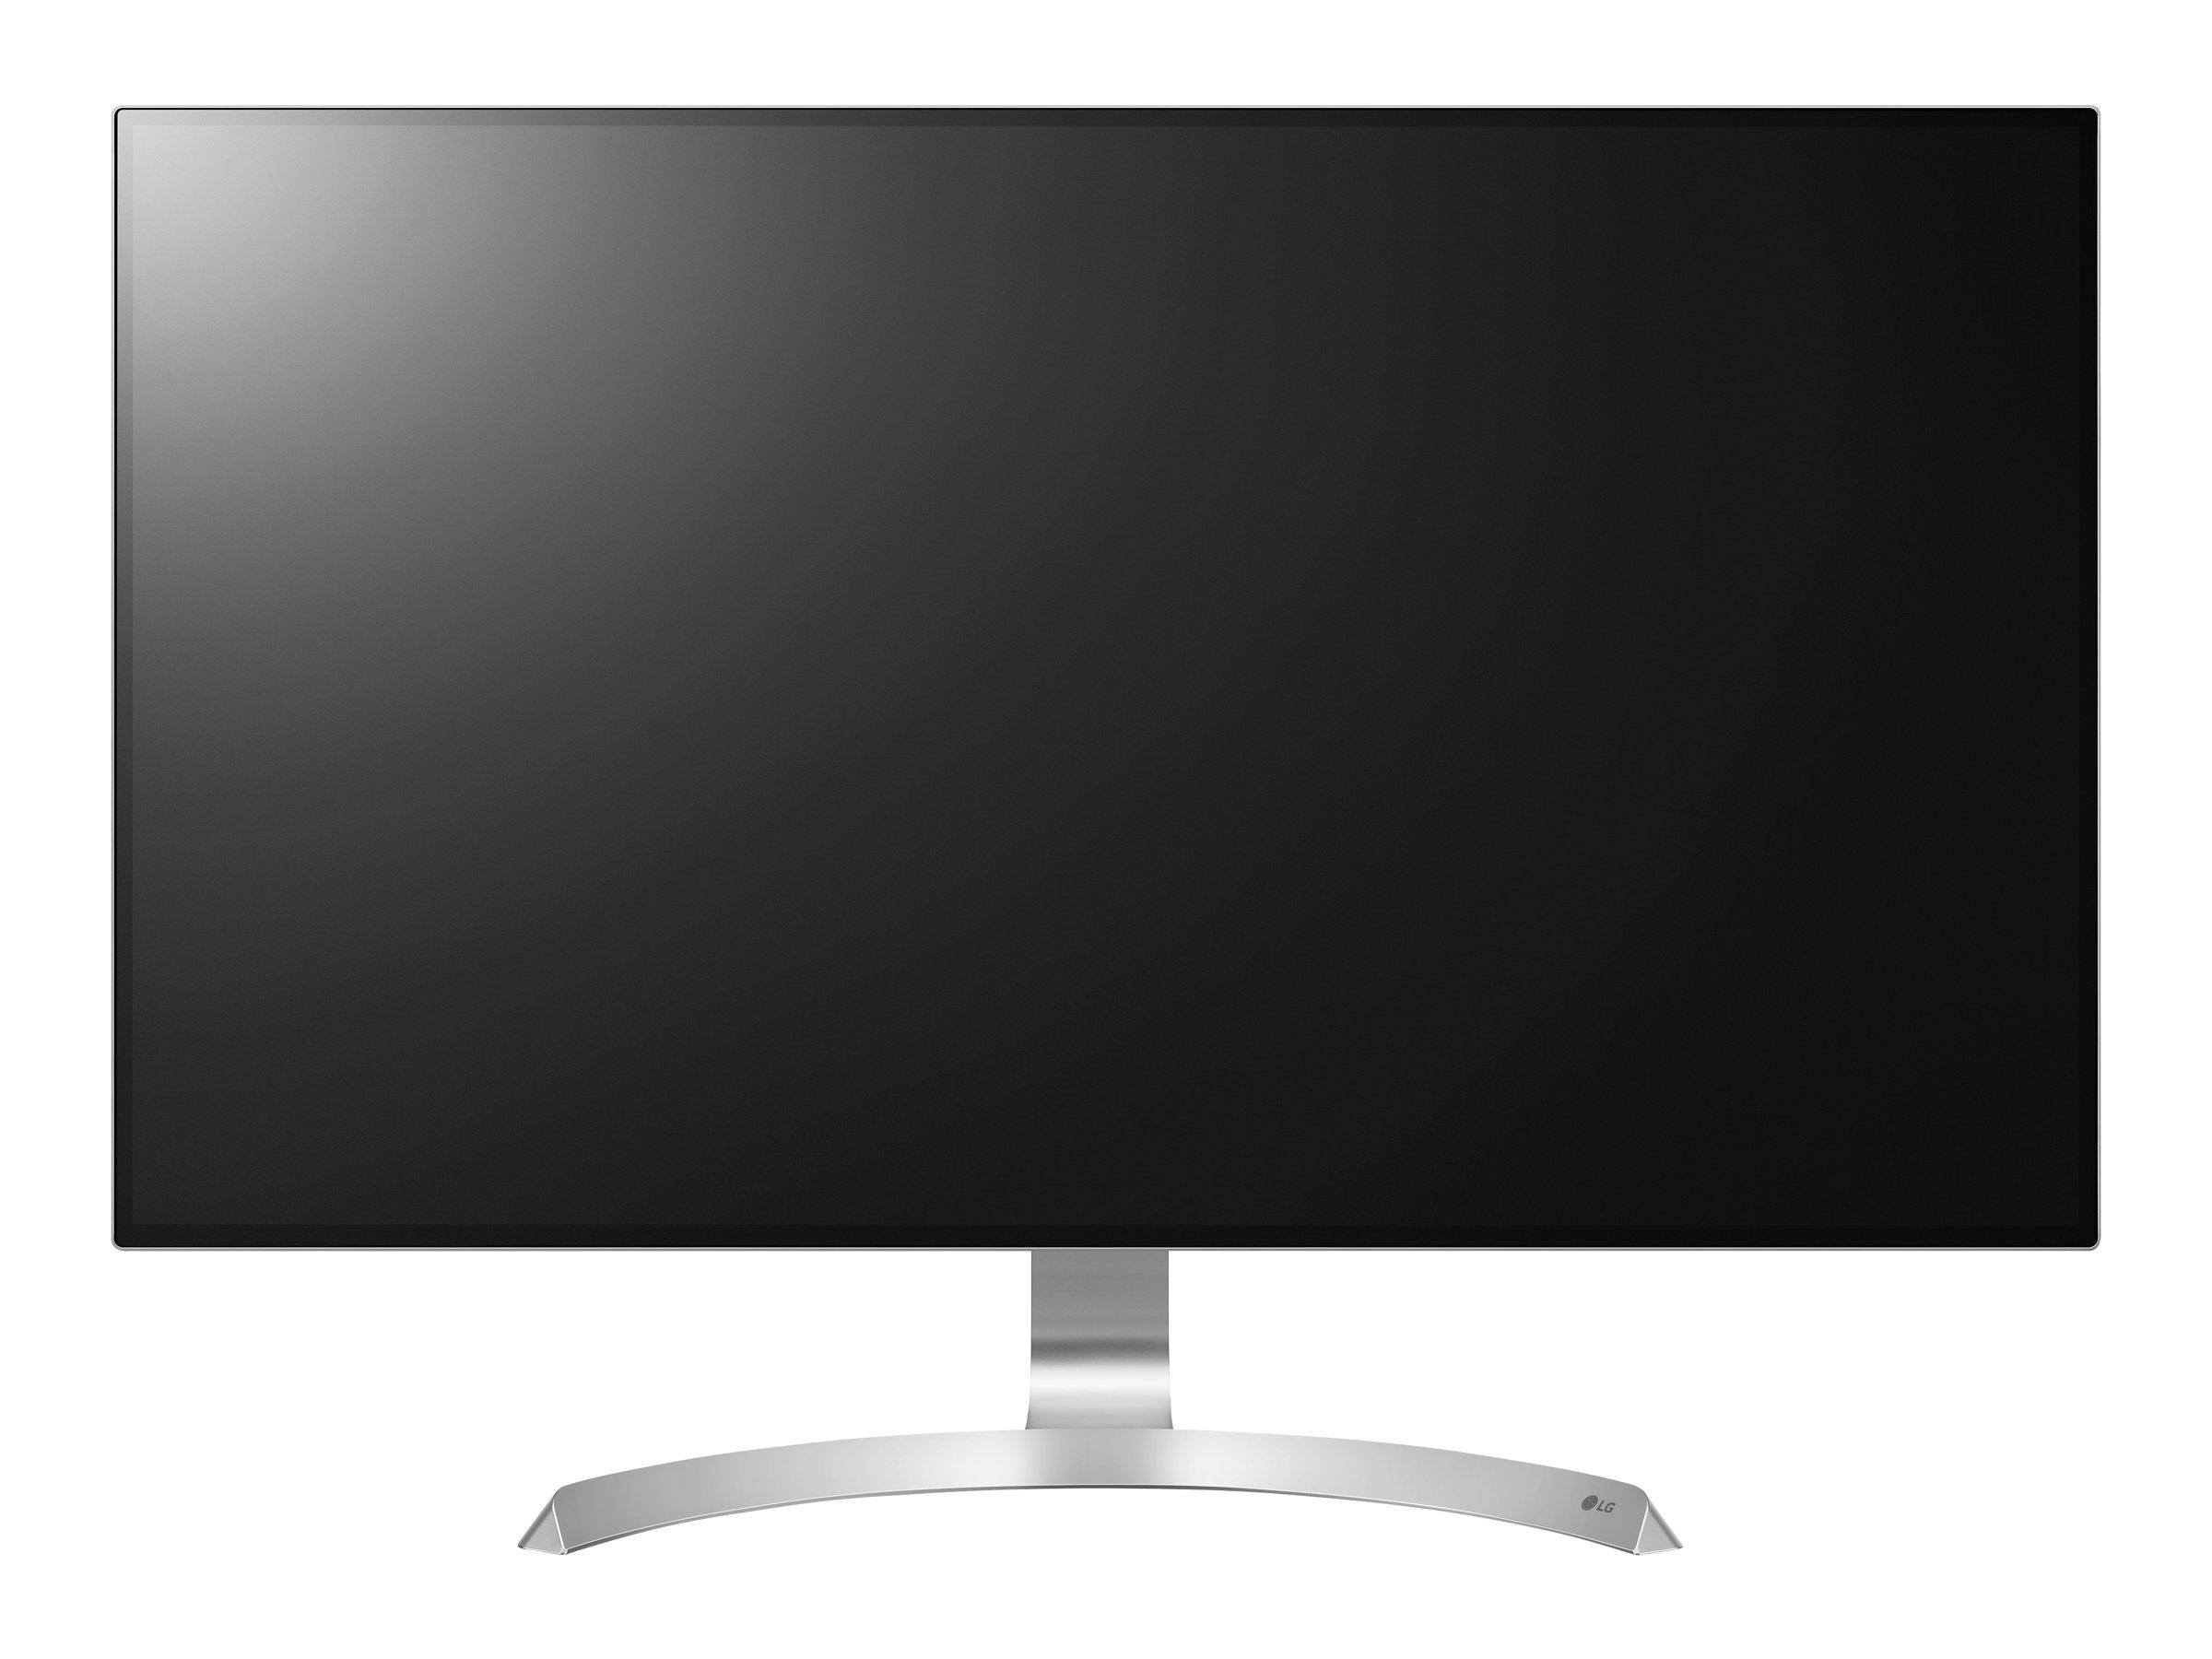 LG 32UD99-W - LED-Monitor - 81.3 cm (32